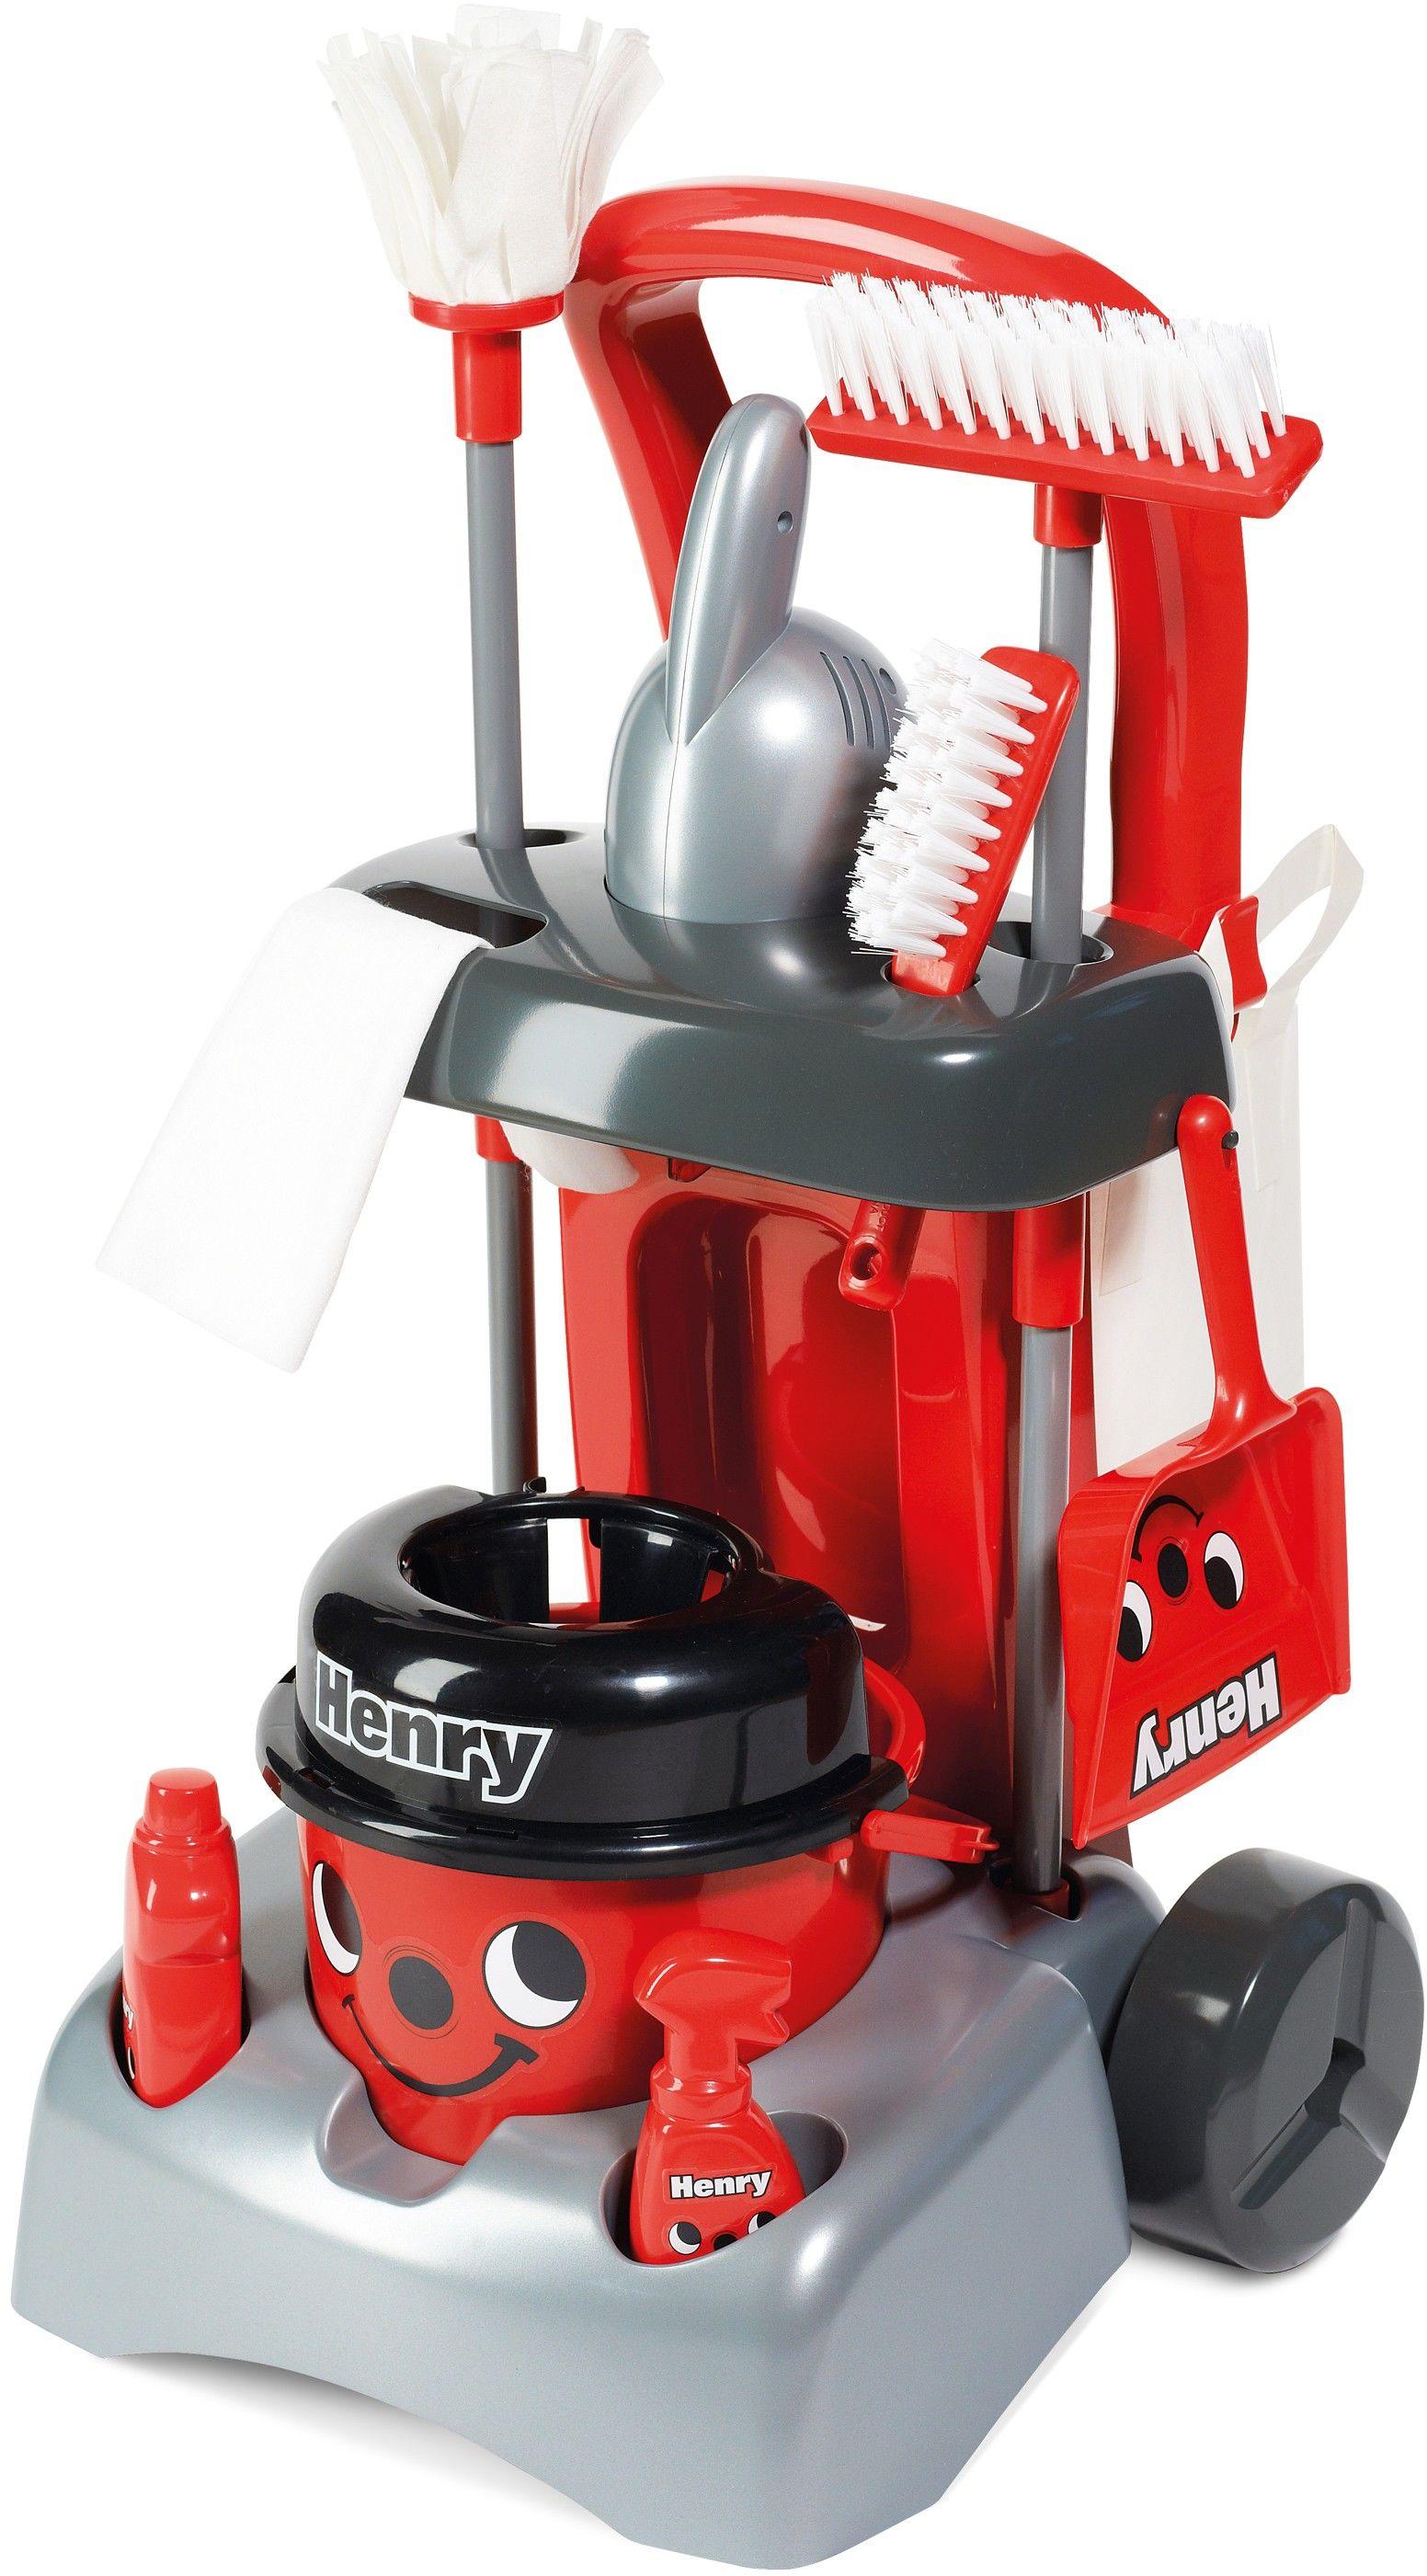 Zabawkowy wózek Henry Deluxe z akcesoriami do sprzątania + GRATIS